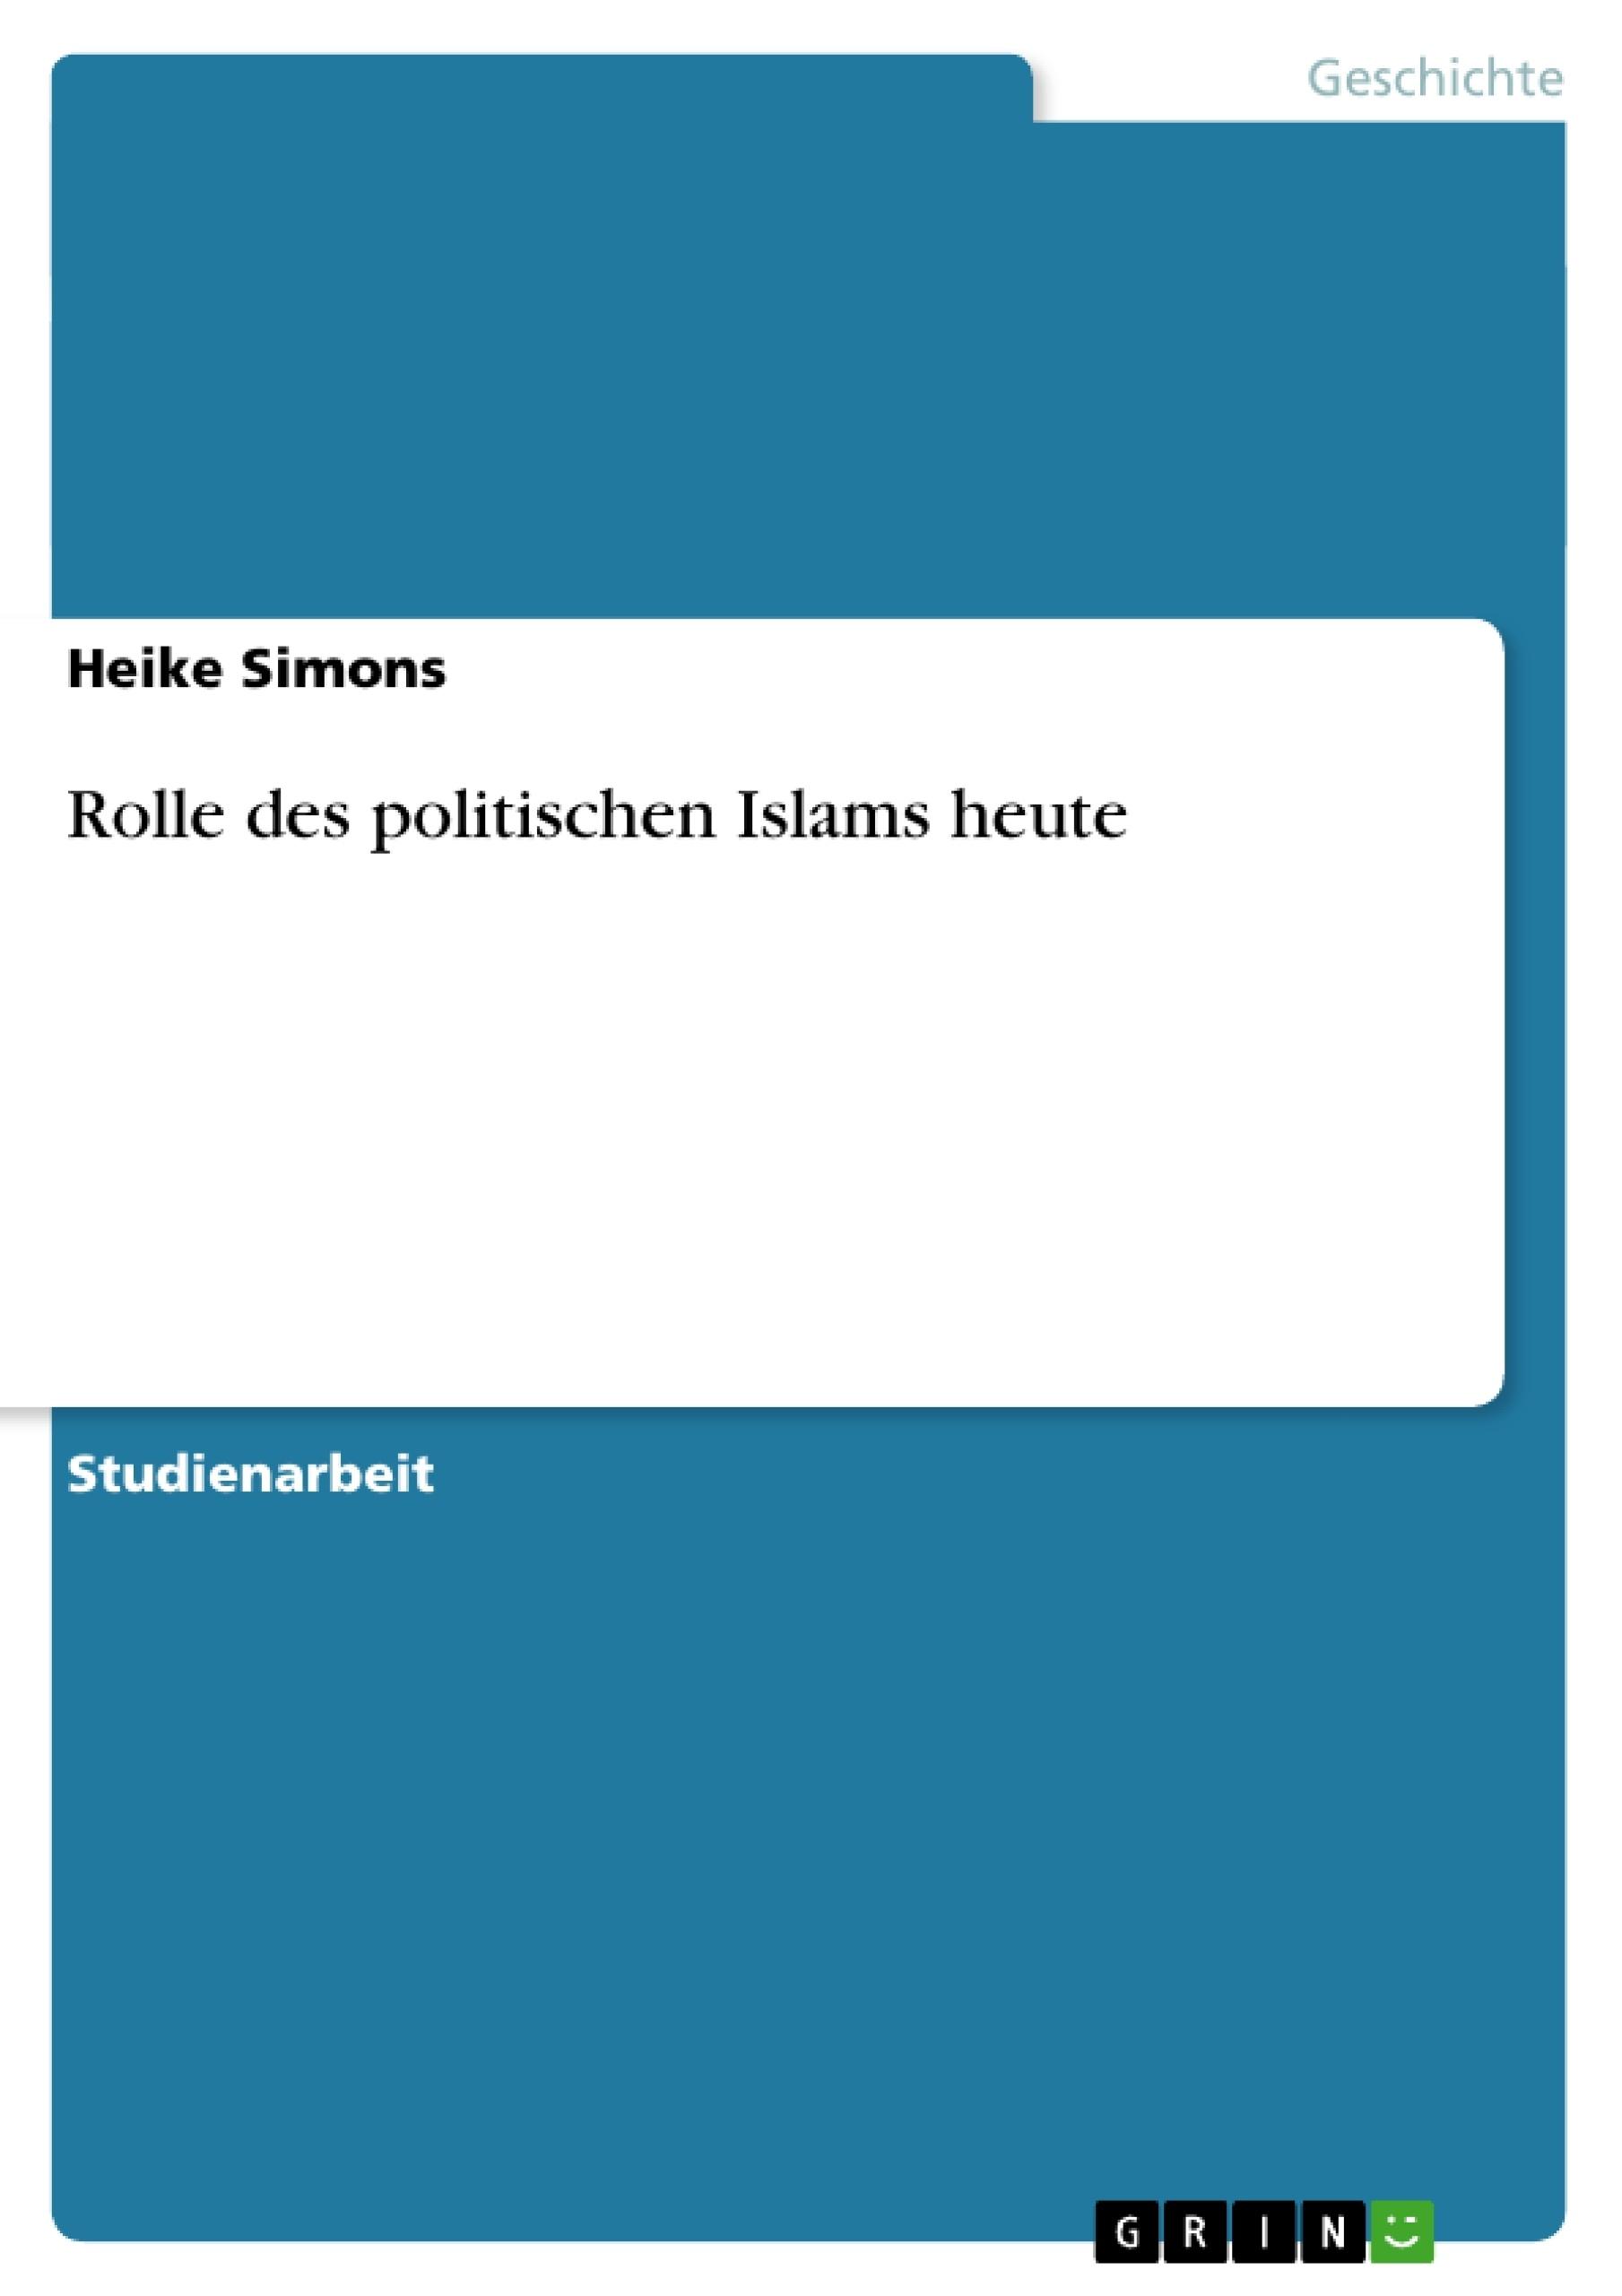 Titel: Rolle des politischen Islams heute